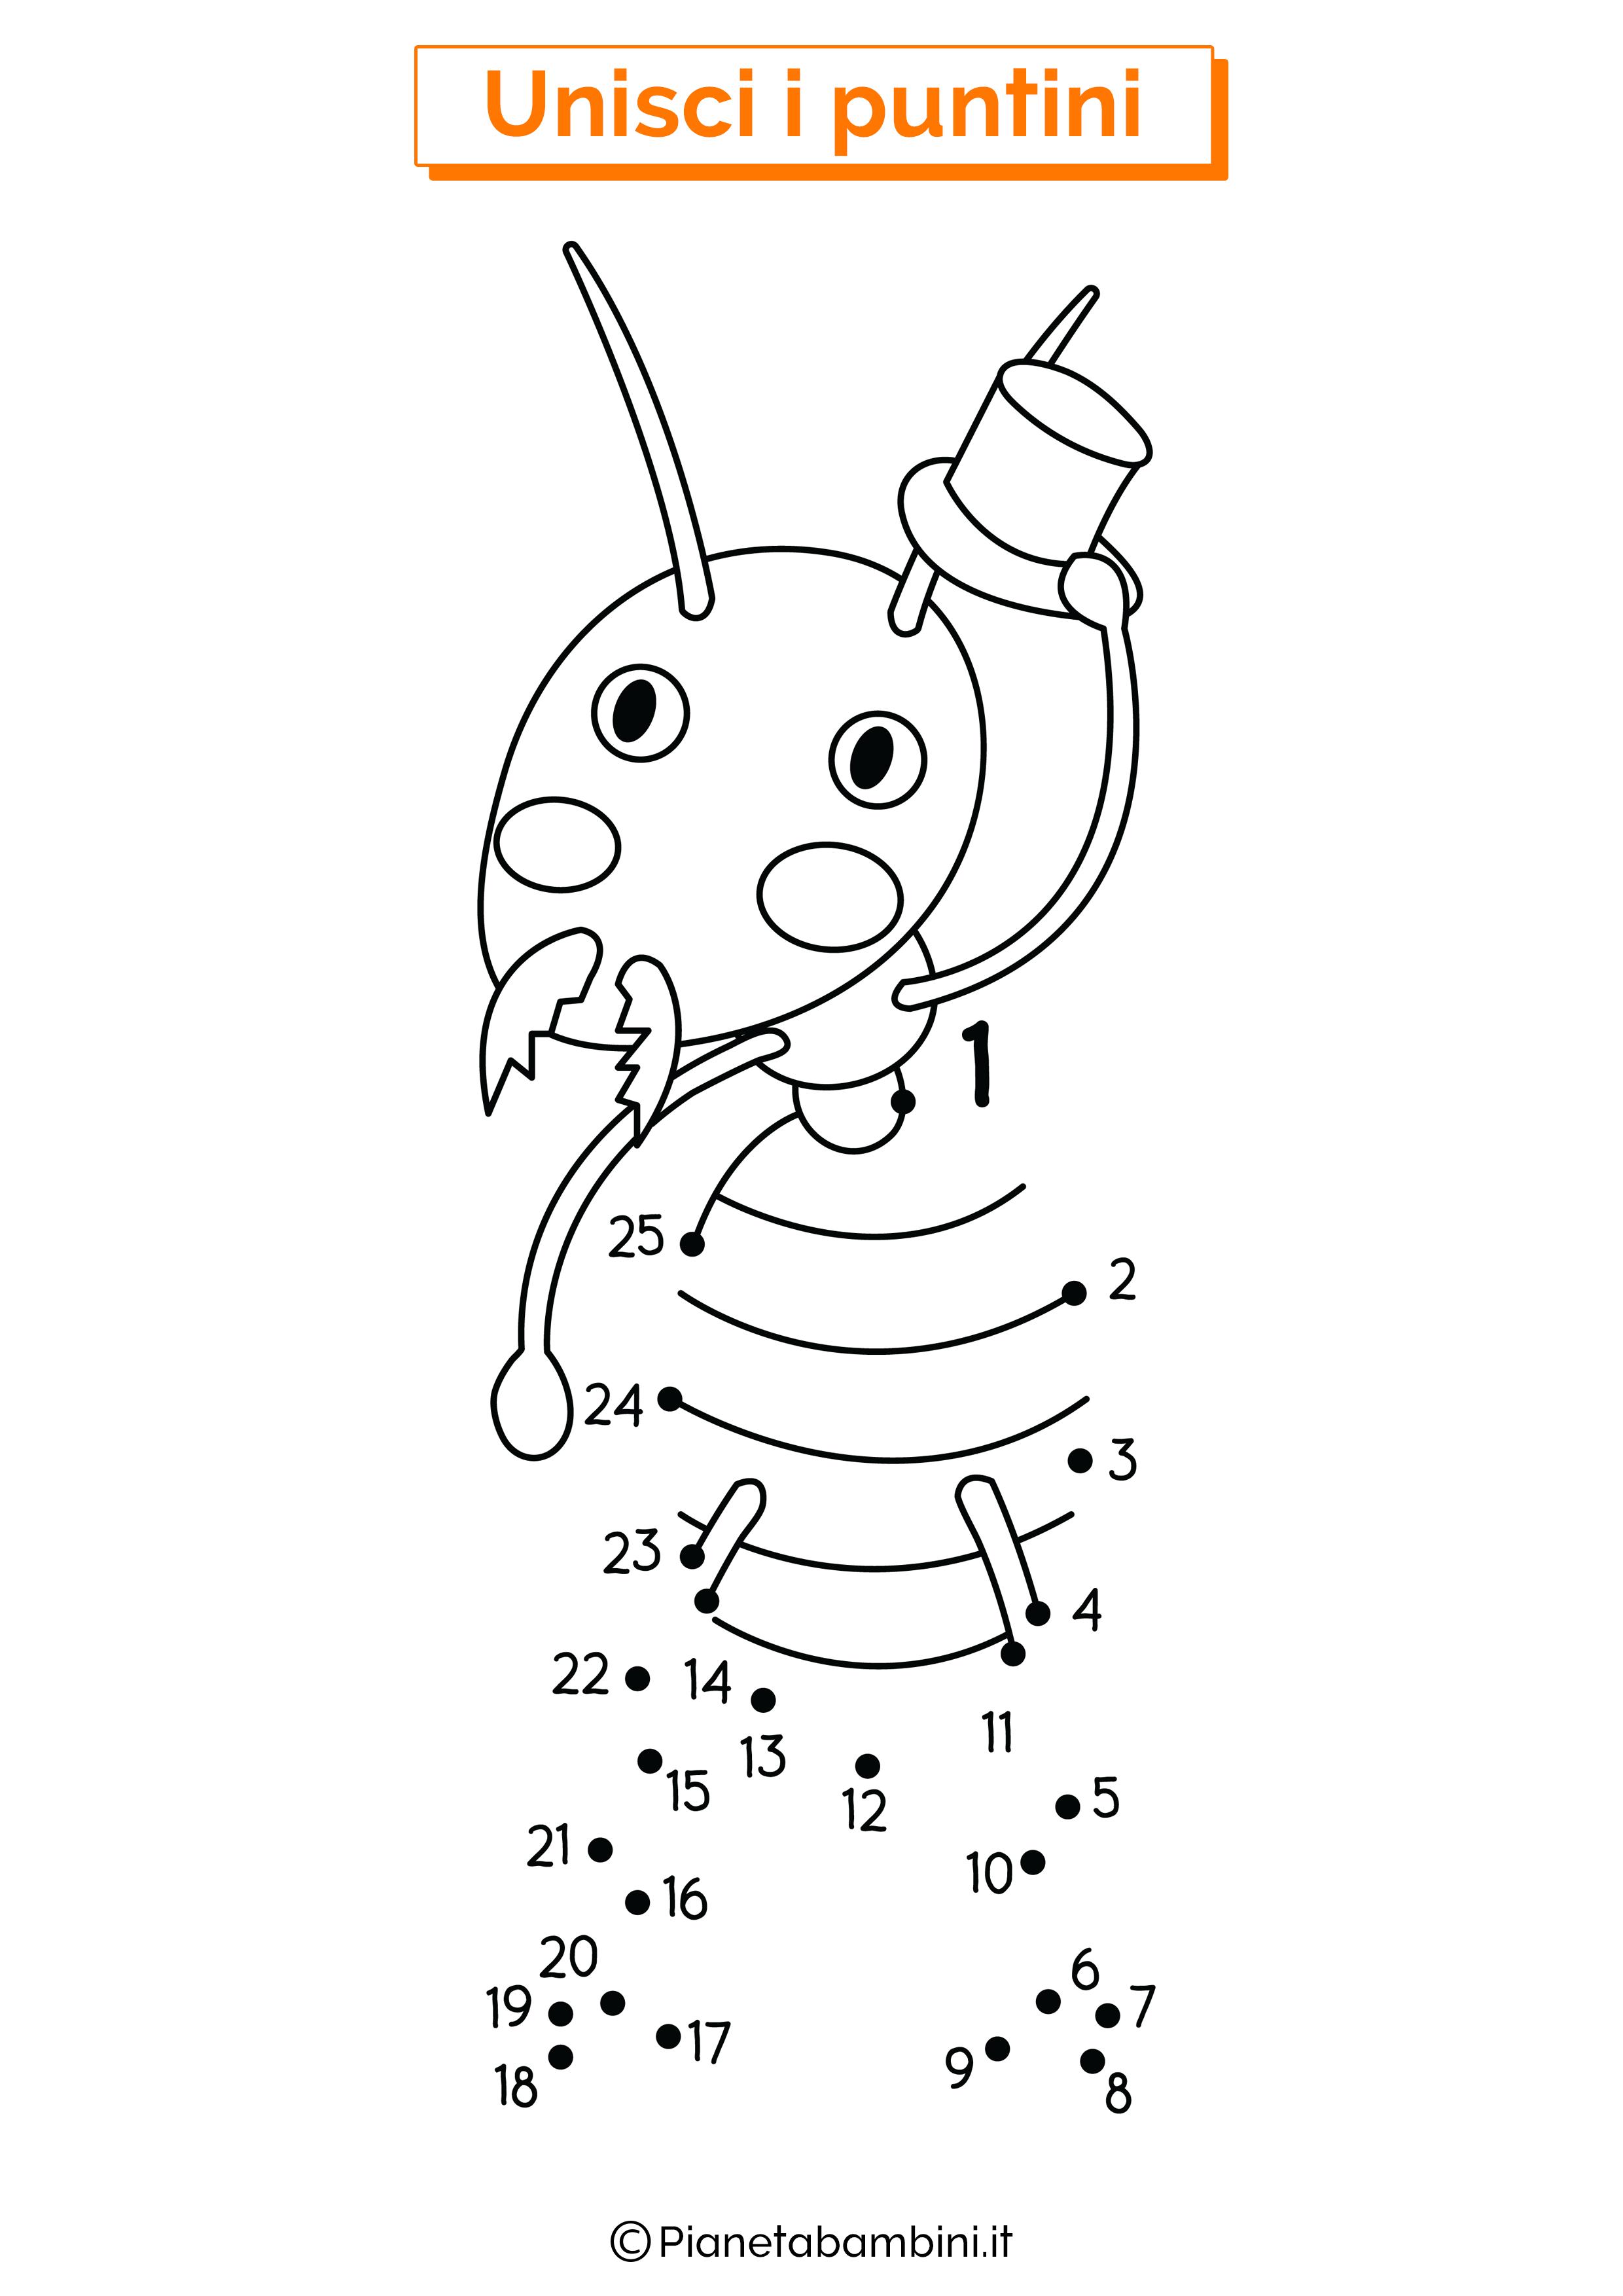 Disegno unisci i puntini formica